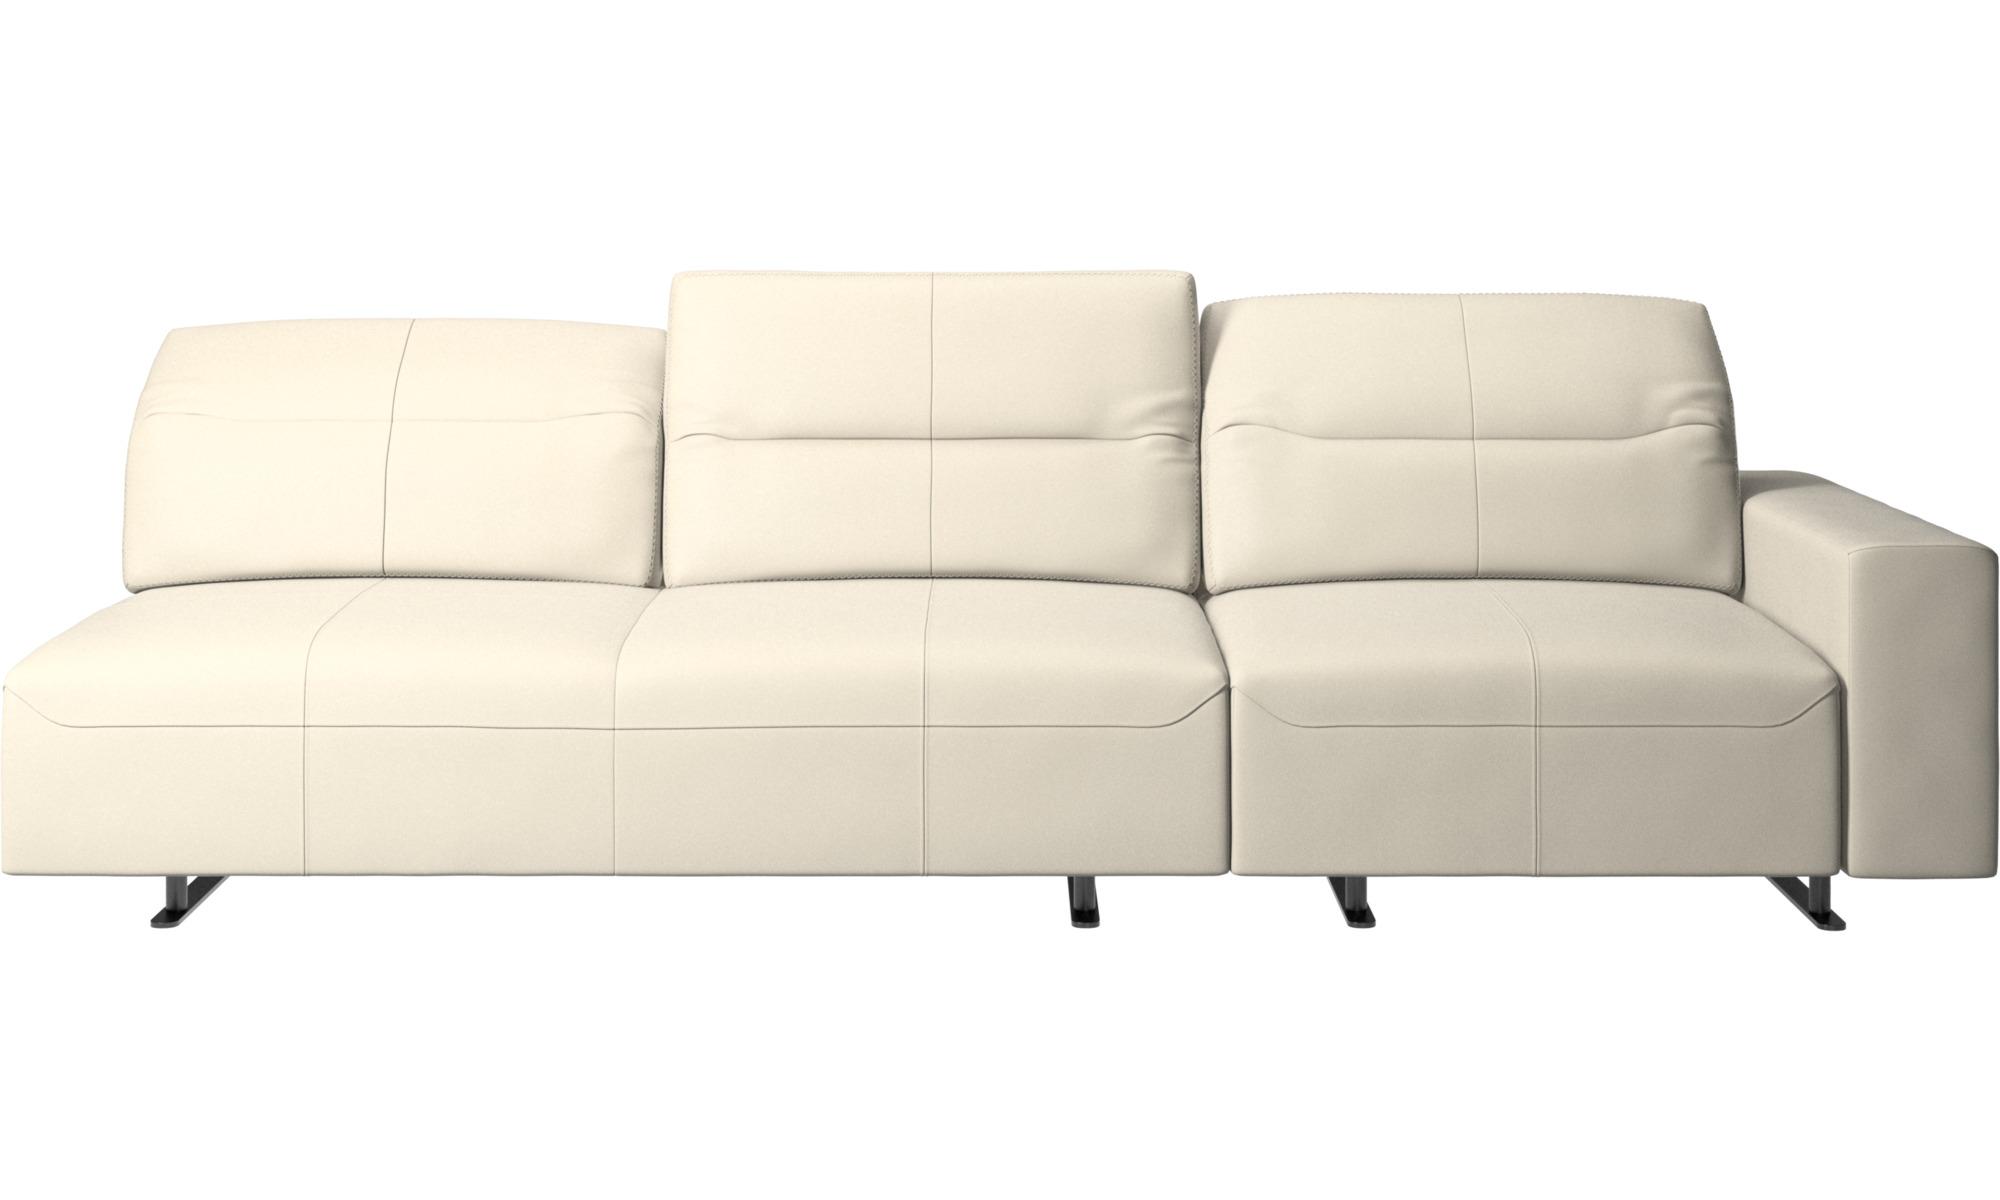 Canapés 3 places - Canapé d'angle Hampton avec dossier ajustable et espace de rangement côté droit - Blanc - Cuir